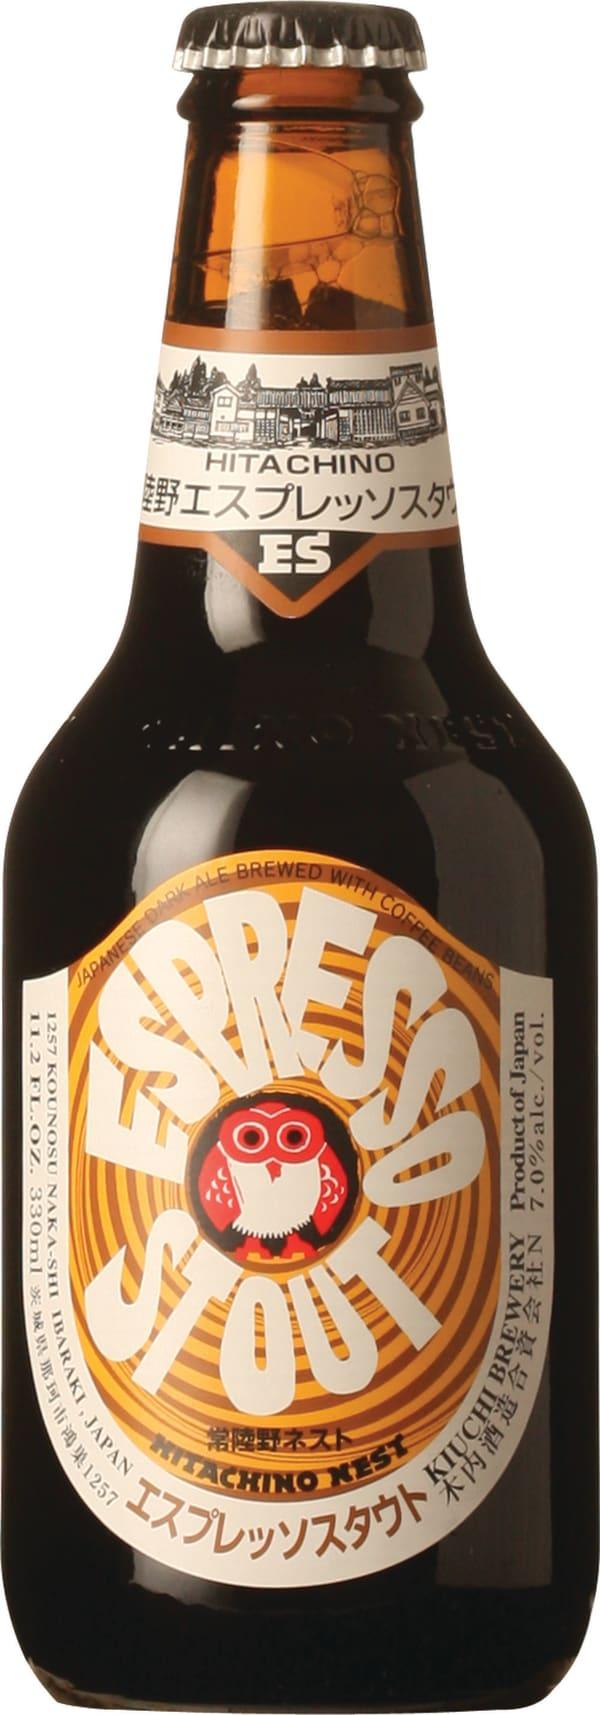 Kiuchi Hitachino Nest Beer Espresso Stout